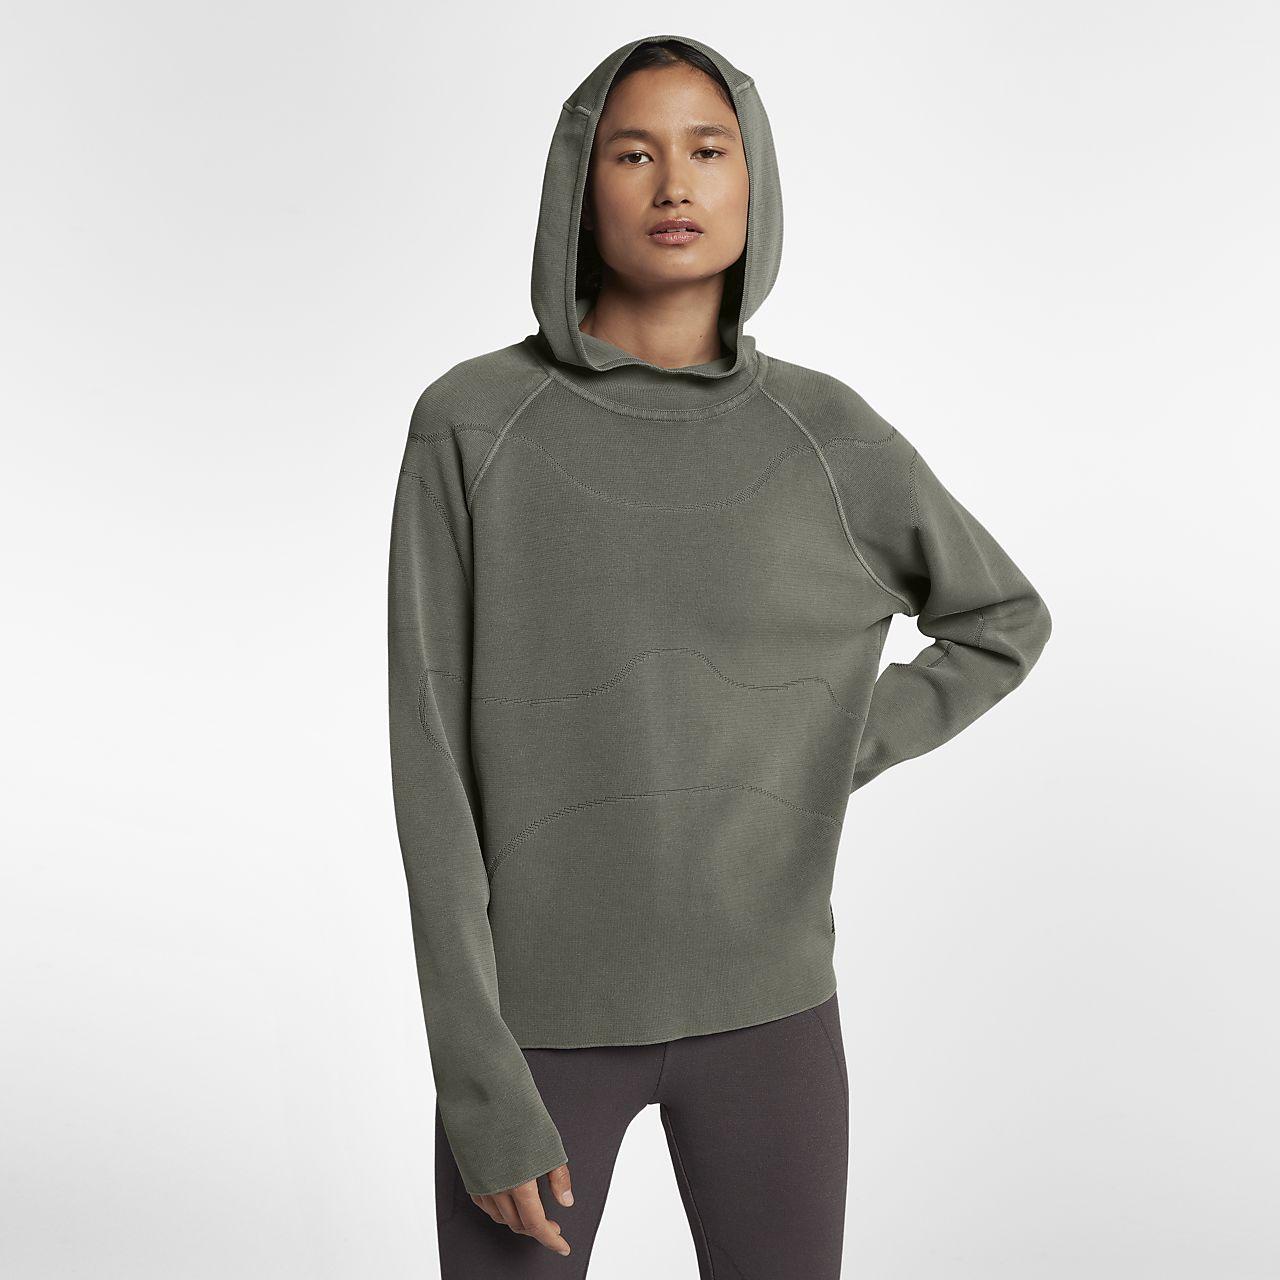 d9be0f2f306f Γυναικείο πλεκτό πουλόβερ NikeLab Made in Italy. Nike.com GR